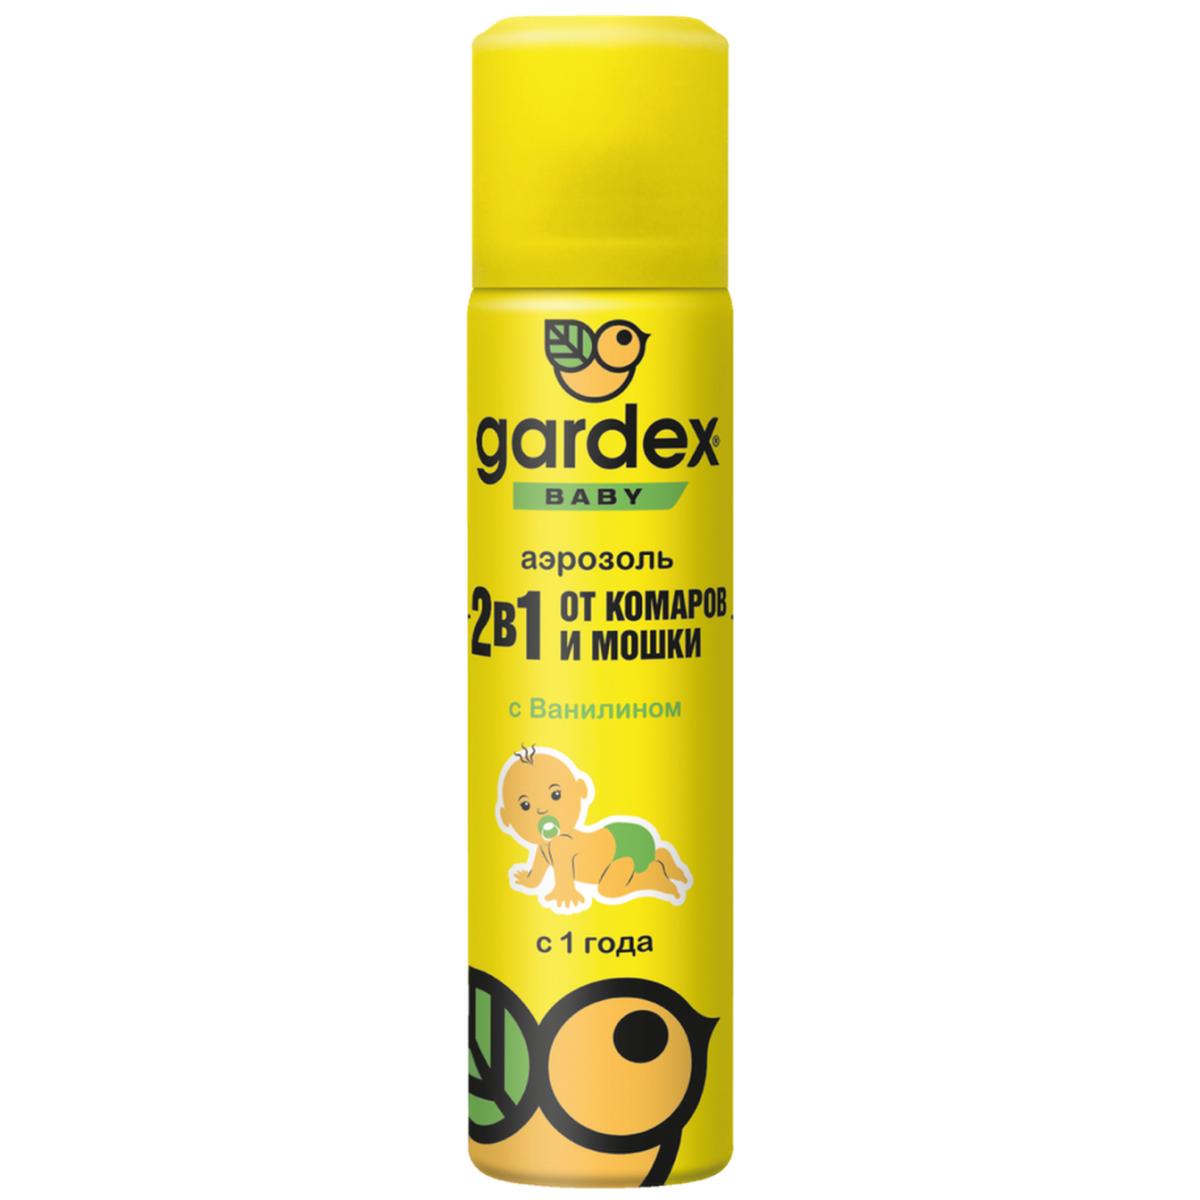 Аэрозоль от комаром и мошек Gardex Baby 80 мл